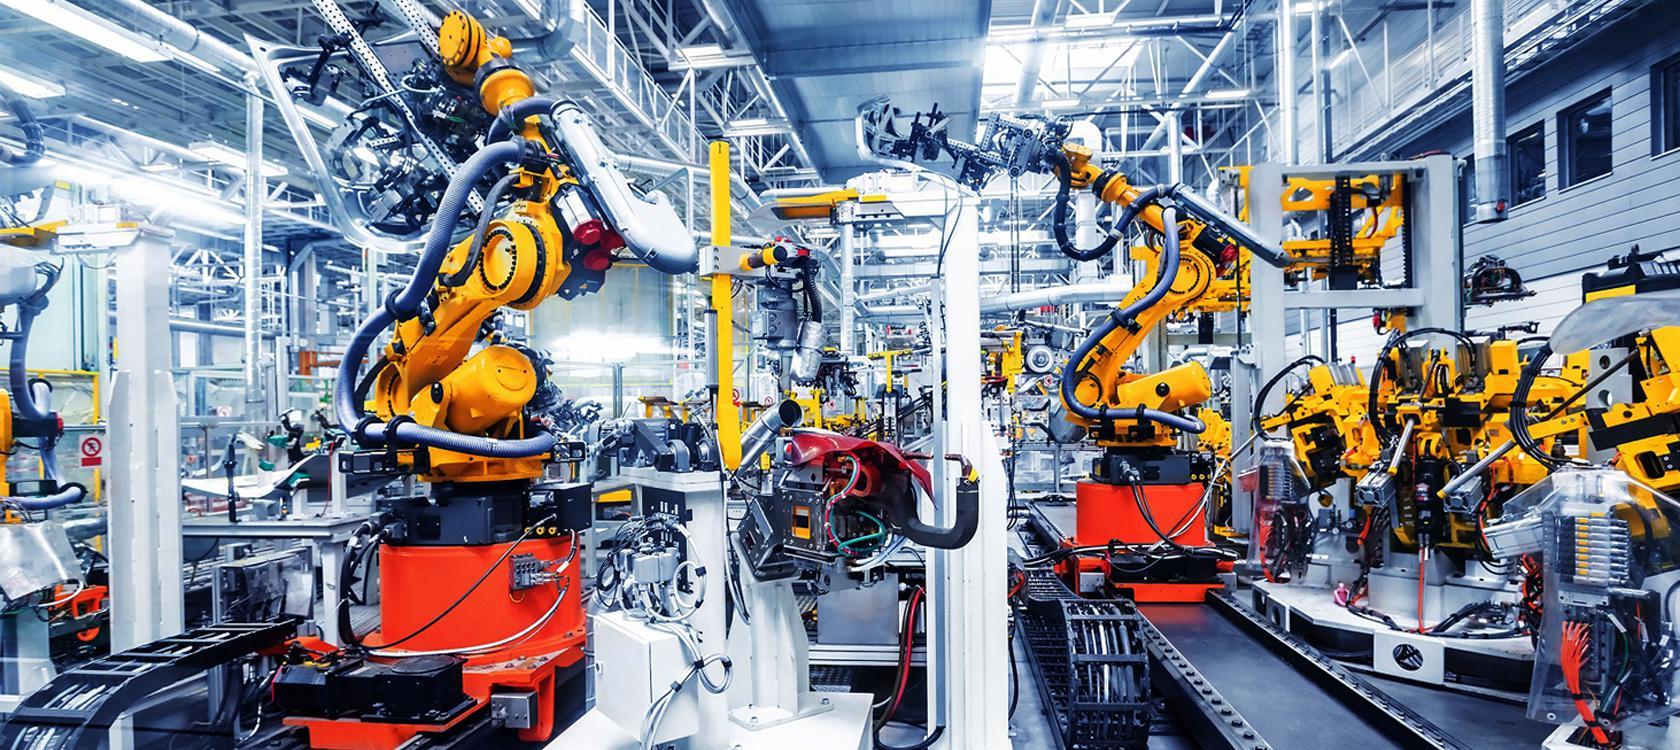 Tự động hoá công nghiệp